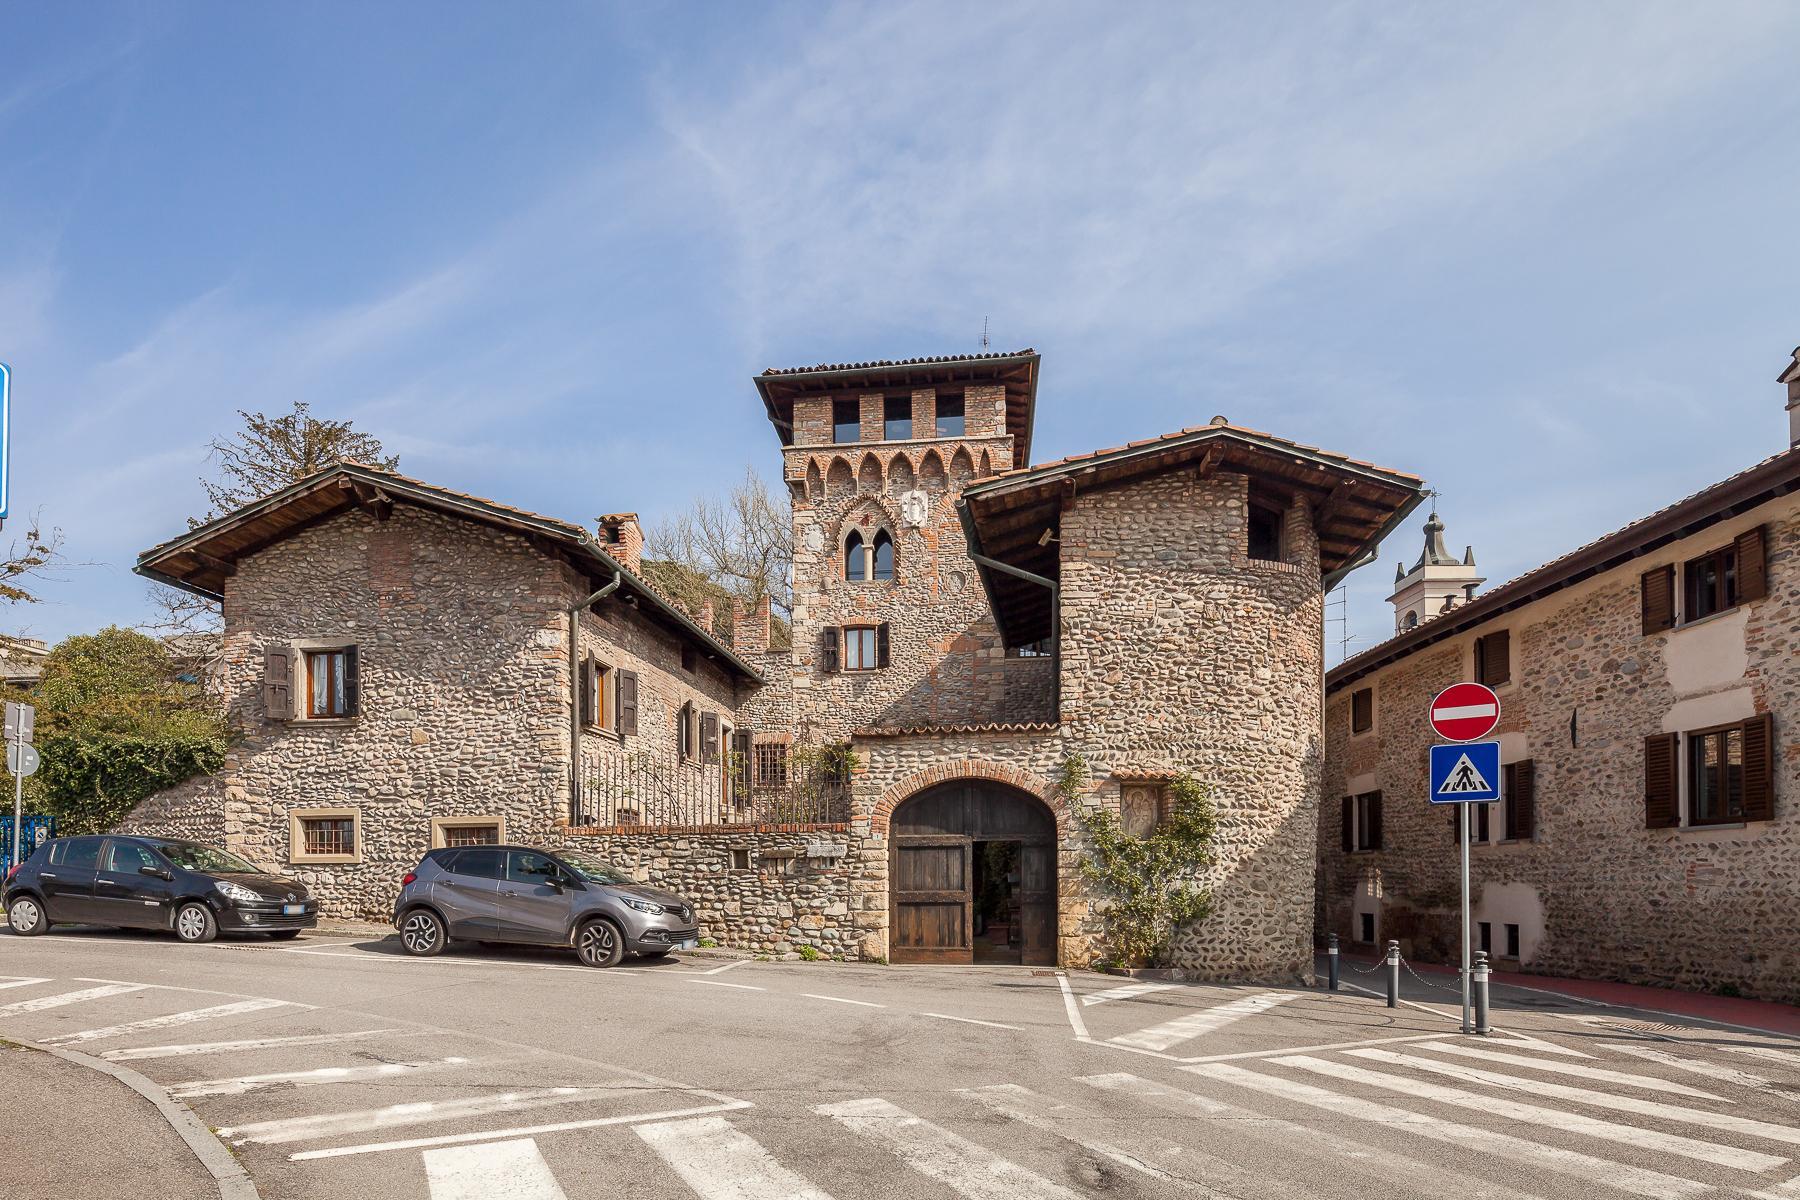 优雅迷人的13世纪城堡 - 2